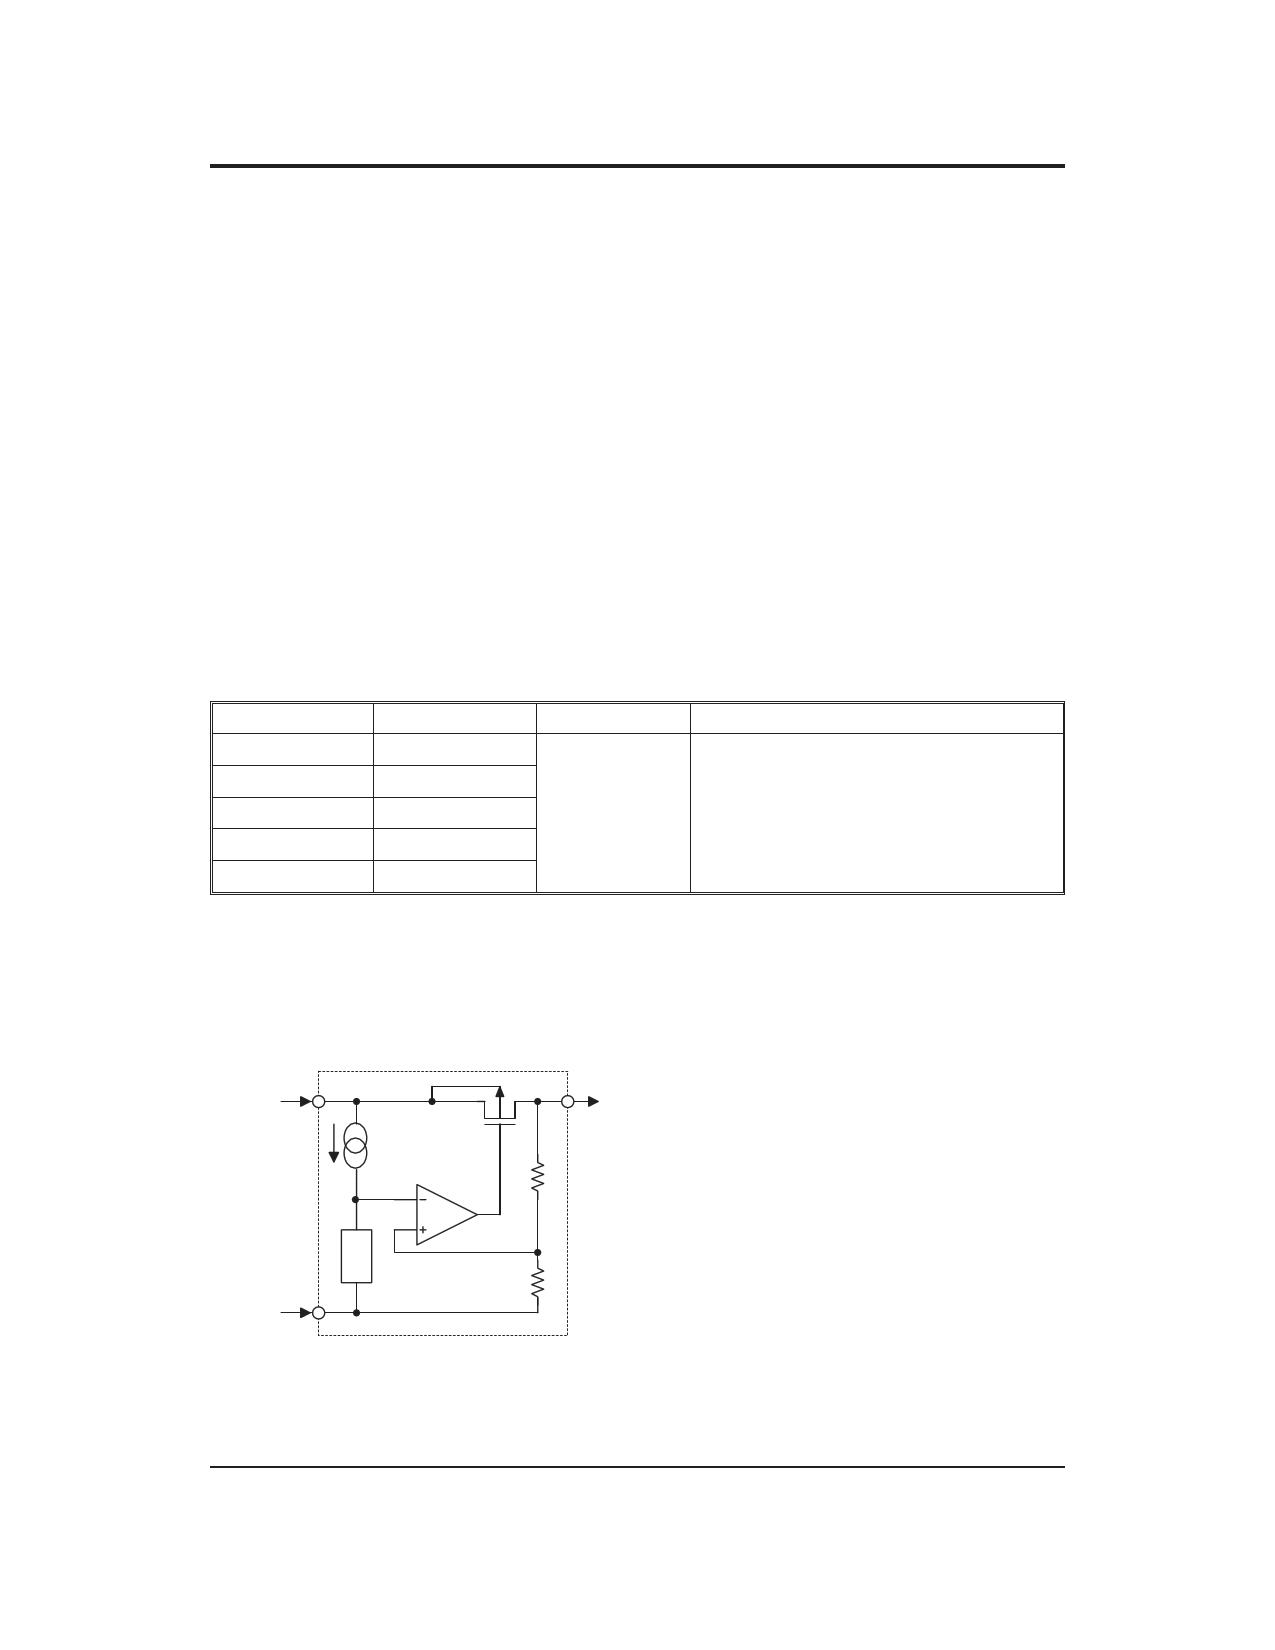 7150-1 datasheet